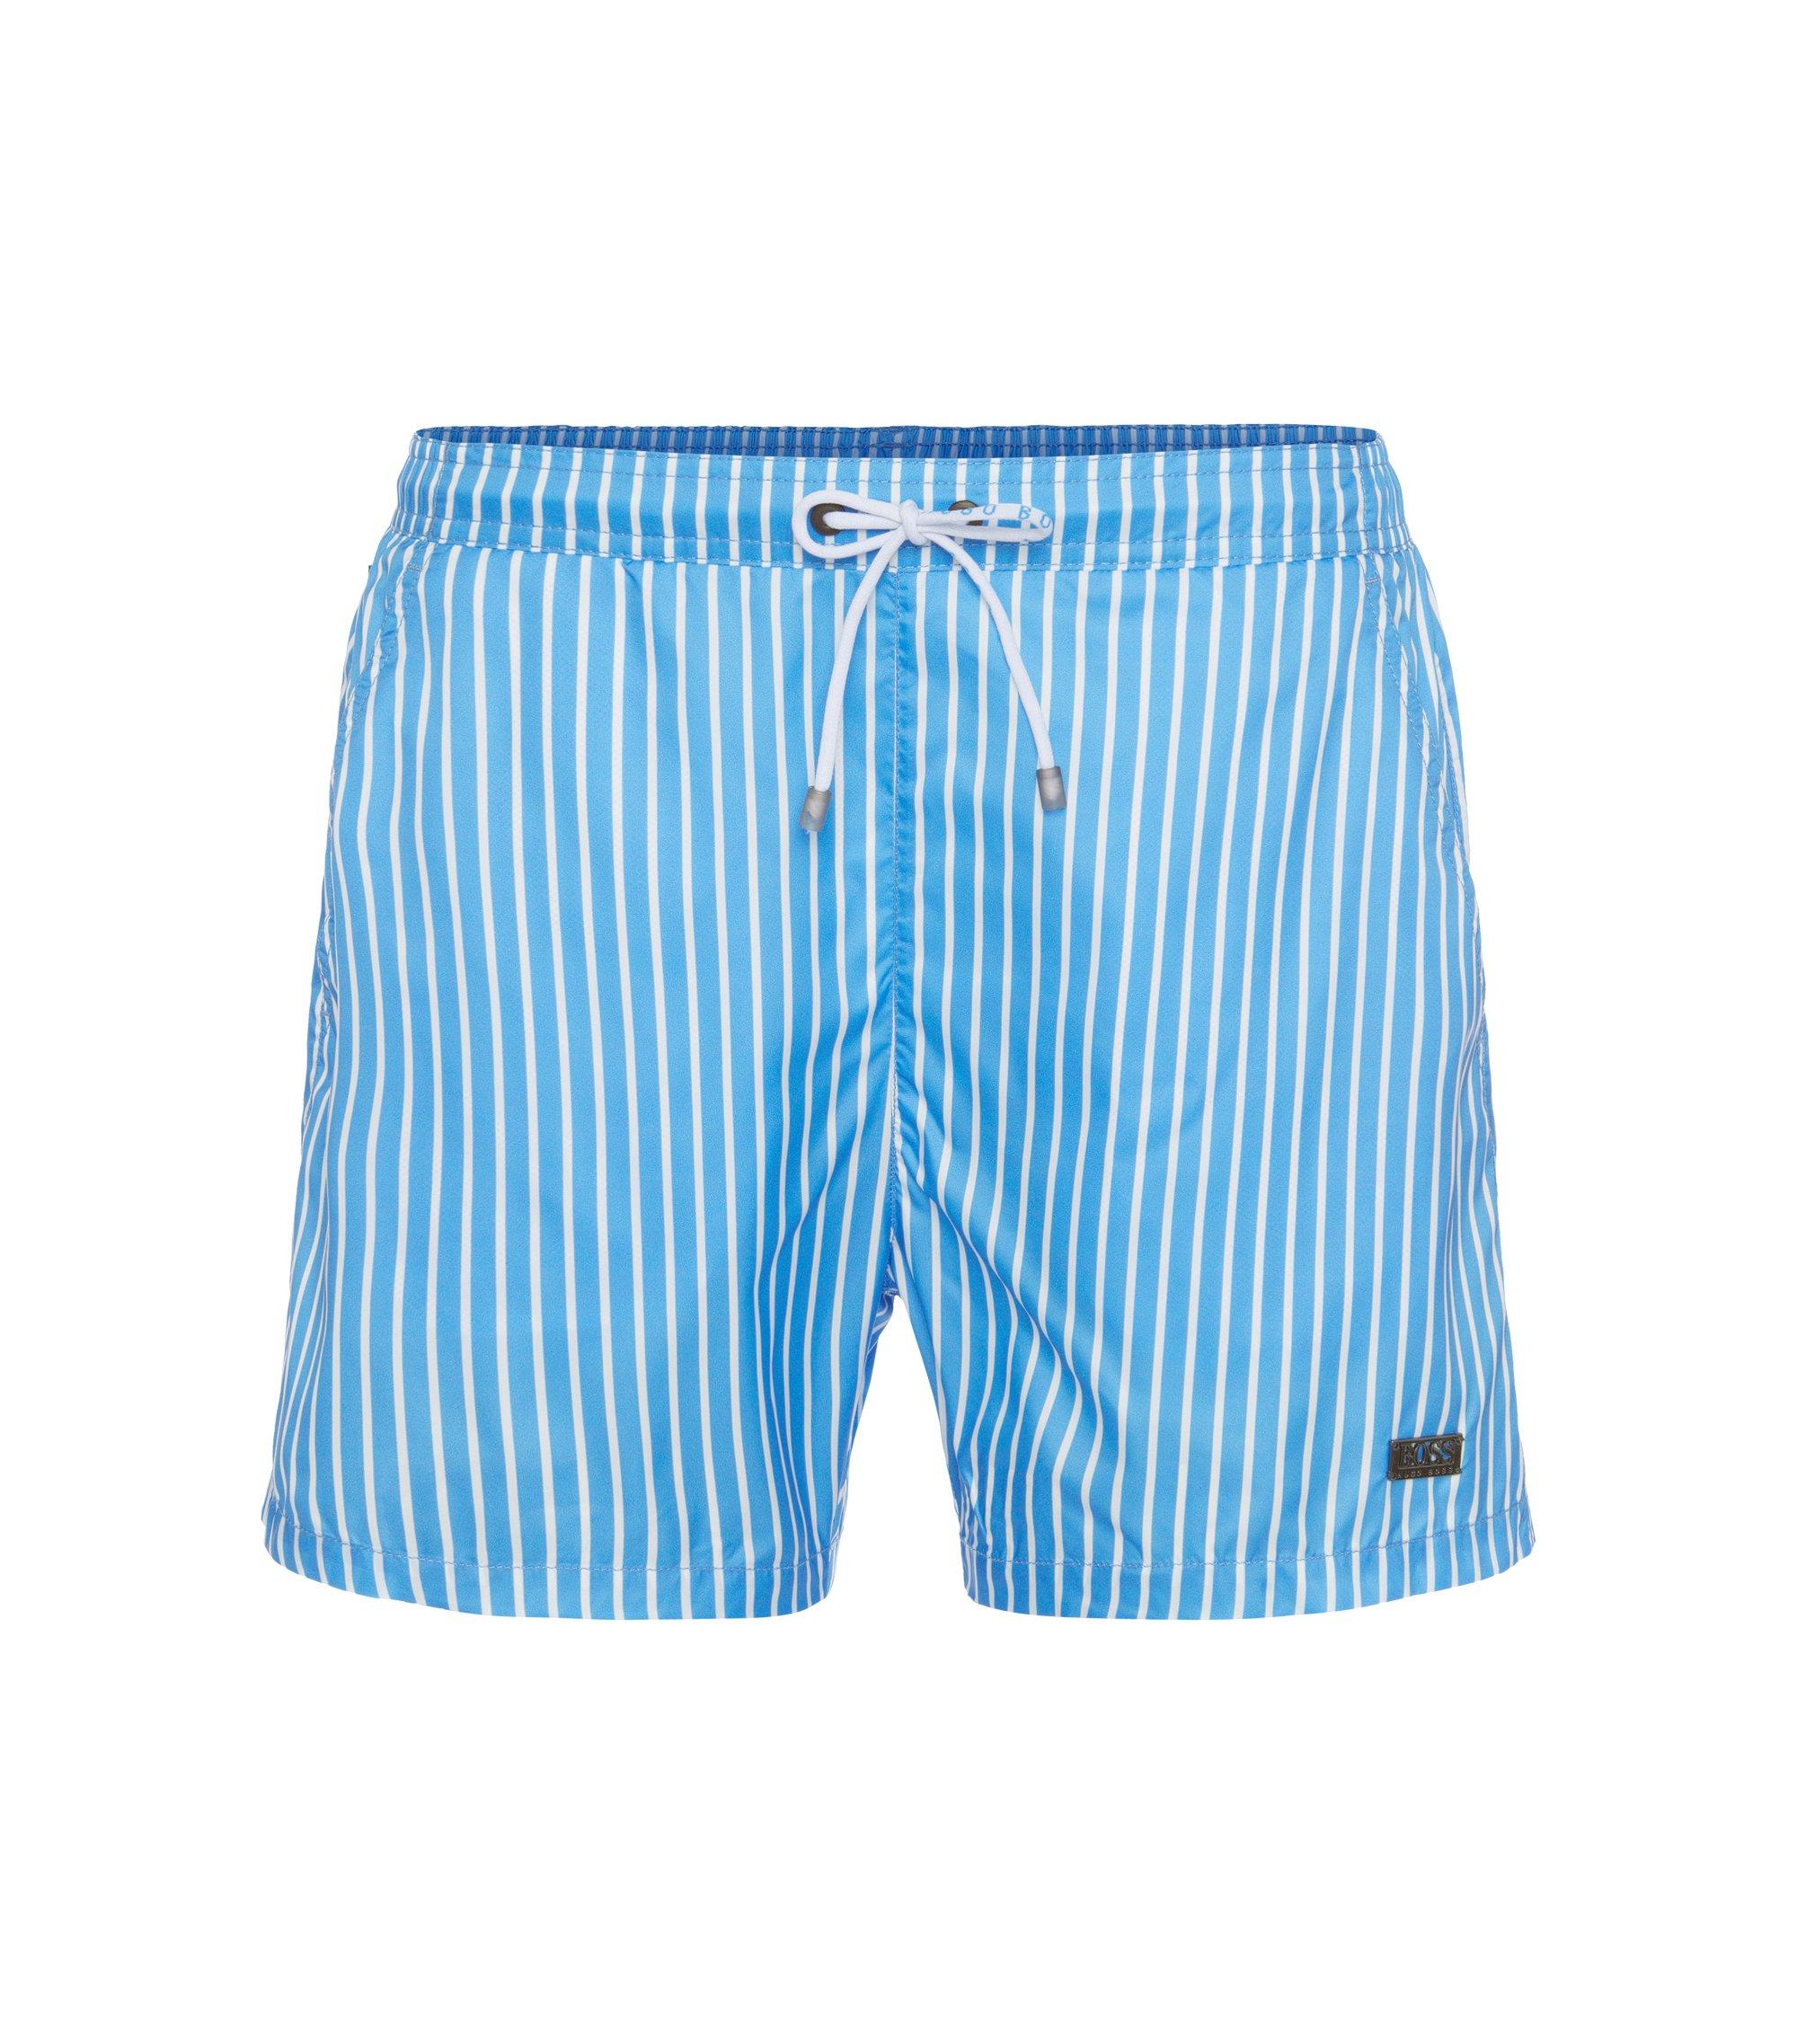 Striped Swim Trunks | Marlin, Open Blue